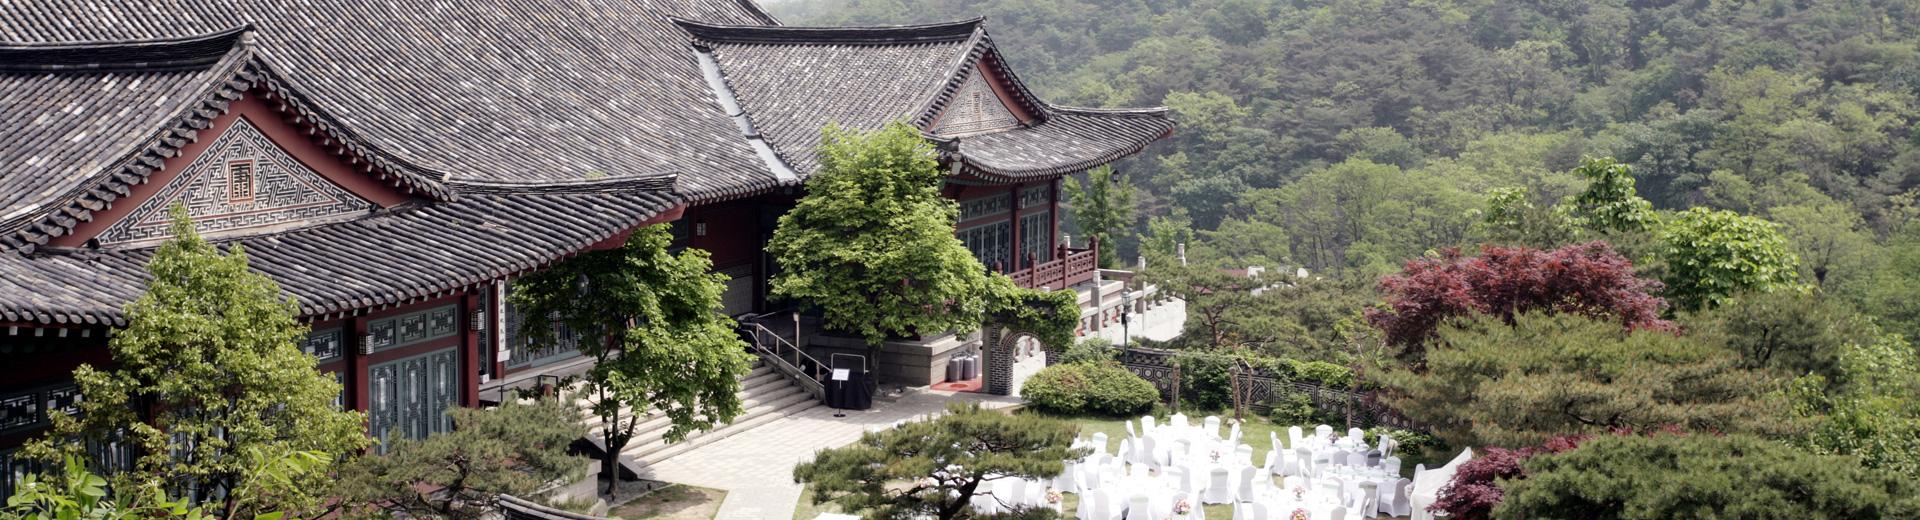 Samcheonggak-3